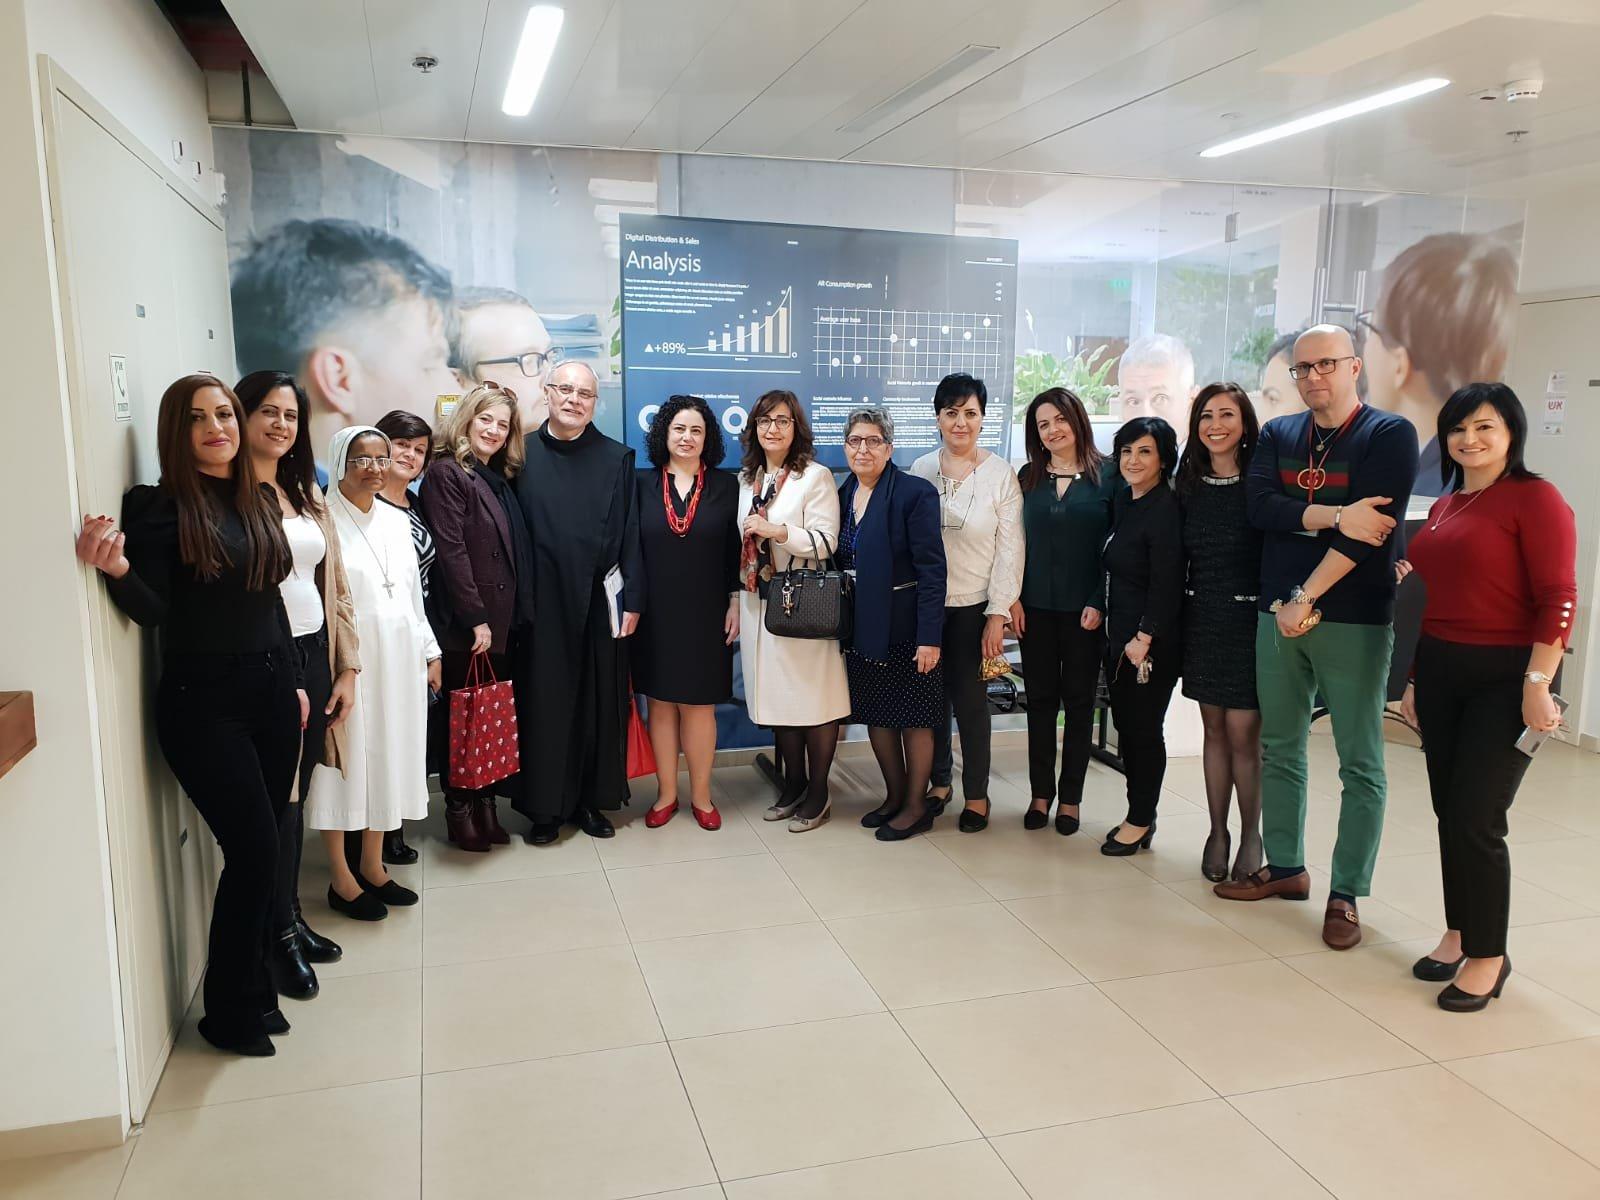 سفيرات مستشفى الناصرة الإنجليزي في جولة زيارات خاصة لمؤسسات طبية في الناصرة بمناسبة الأعياد المجيدة